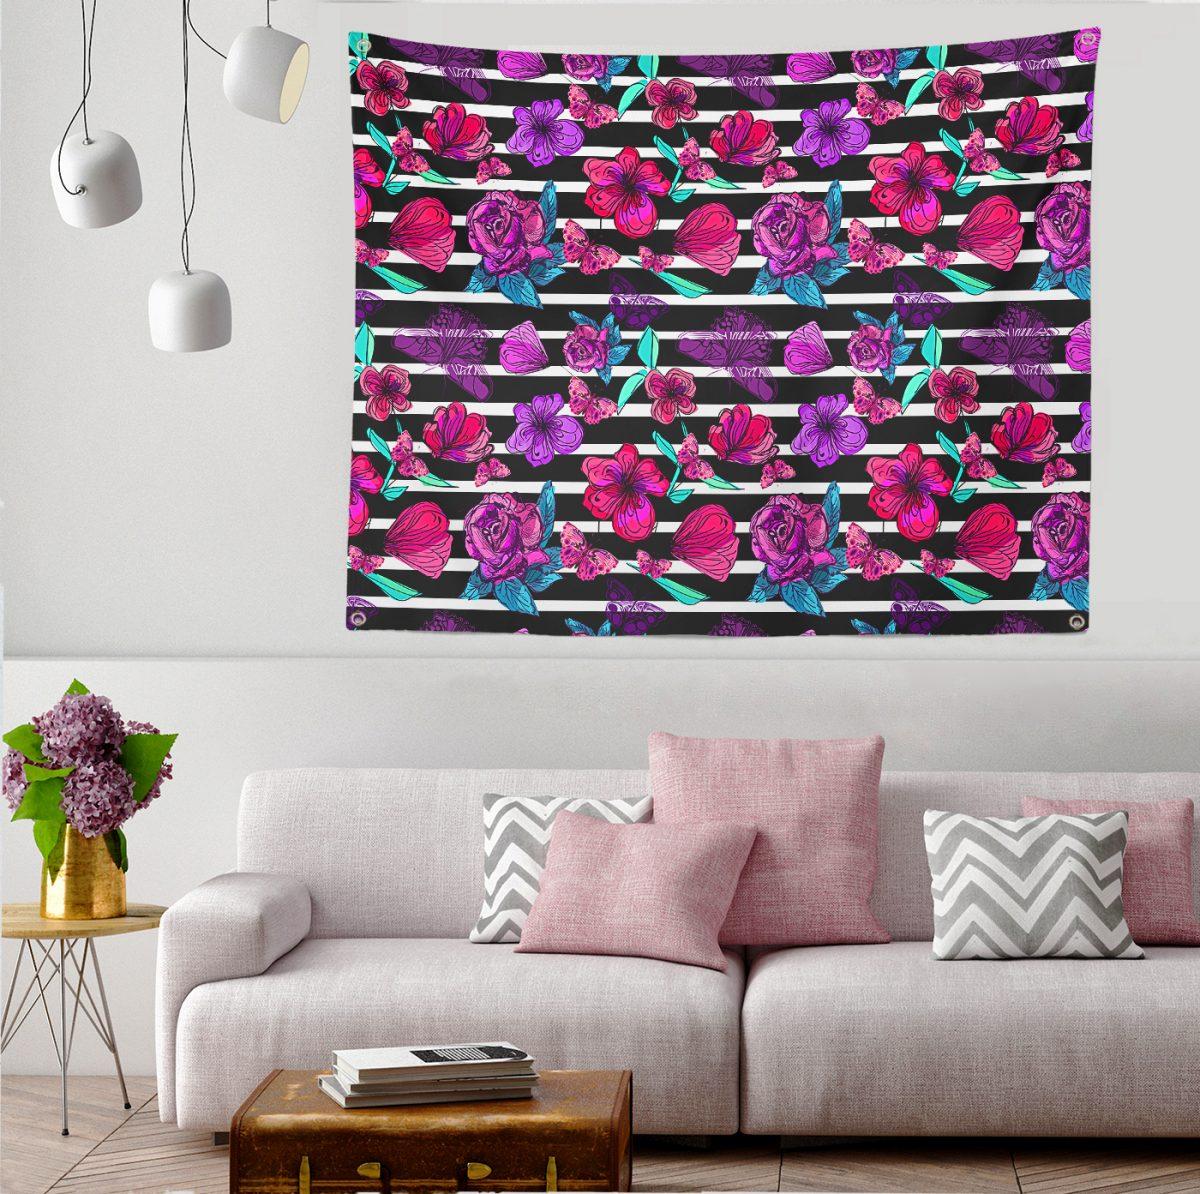 Çizgili Zeminde Renkli Çiçekler Dijital Baskılı Tapestry Duvar Örtüsü Realhomes